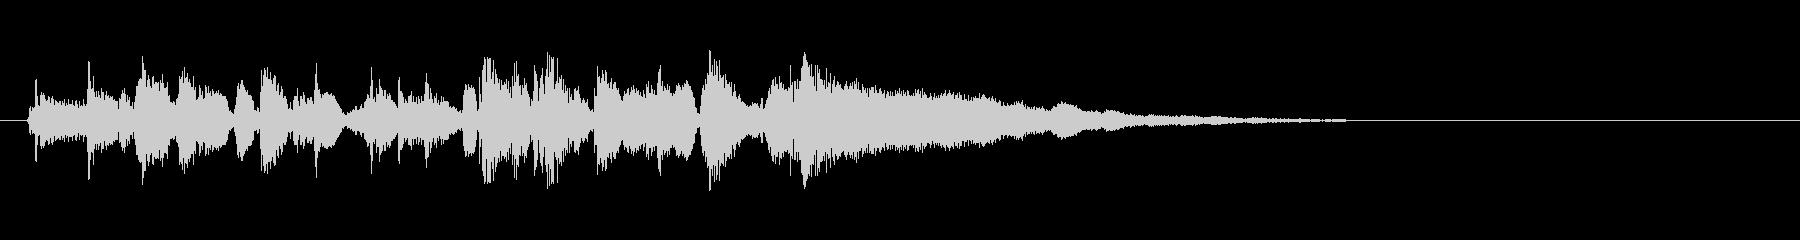 ヨーロッパ風バイオリンジャズジングルの未再生の波形